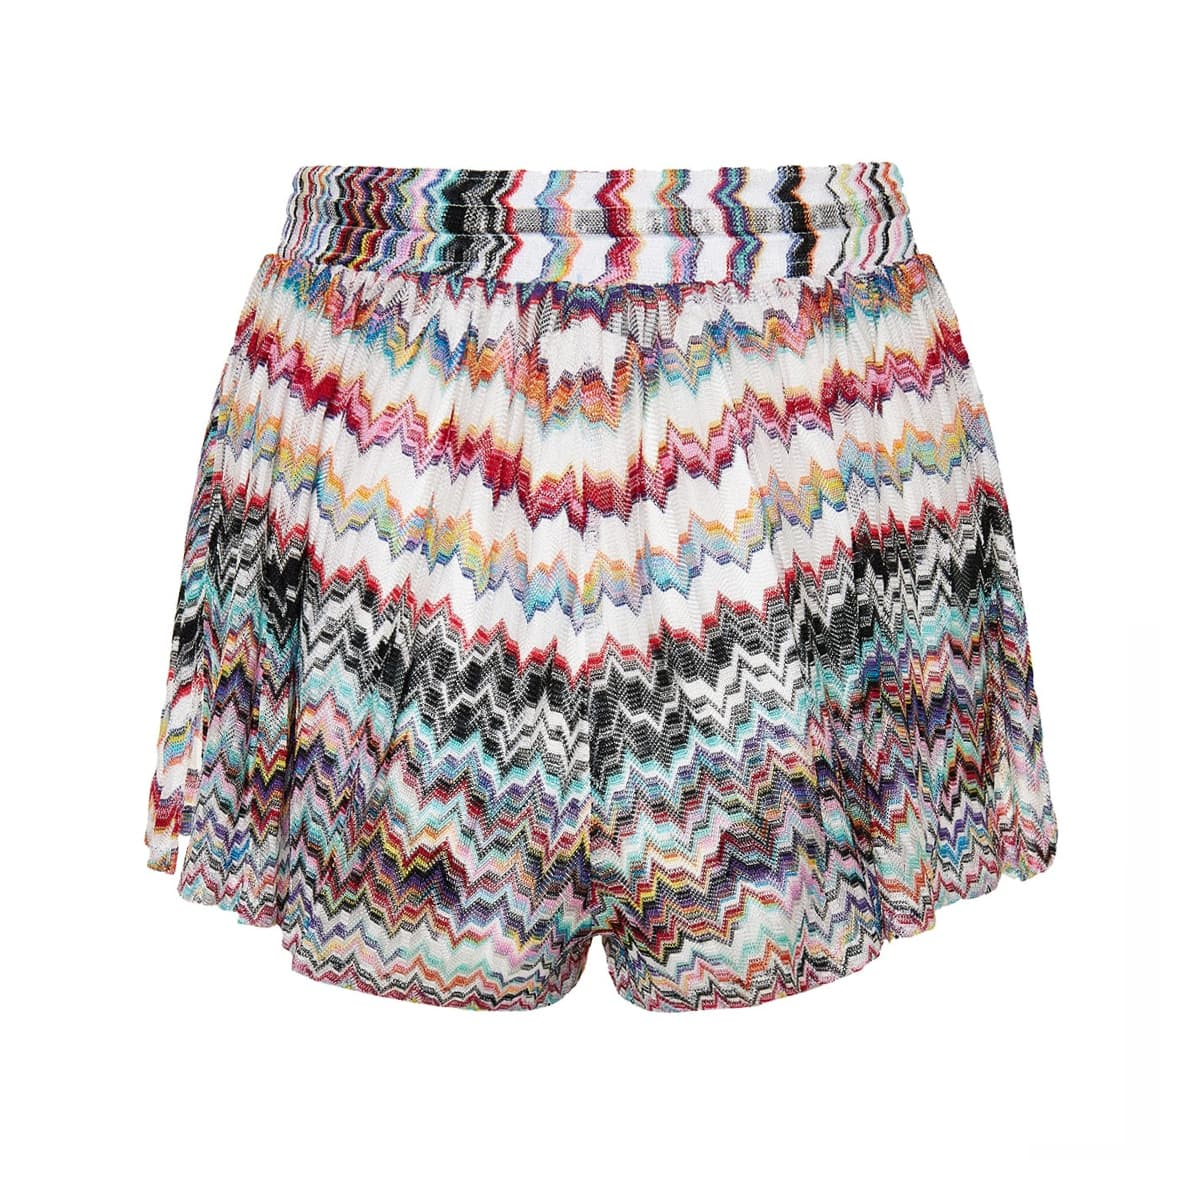 Patterned knit shorts